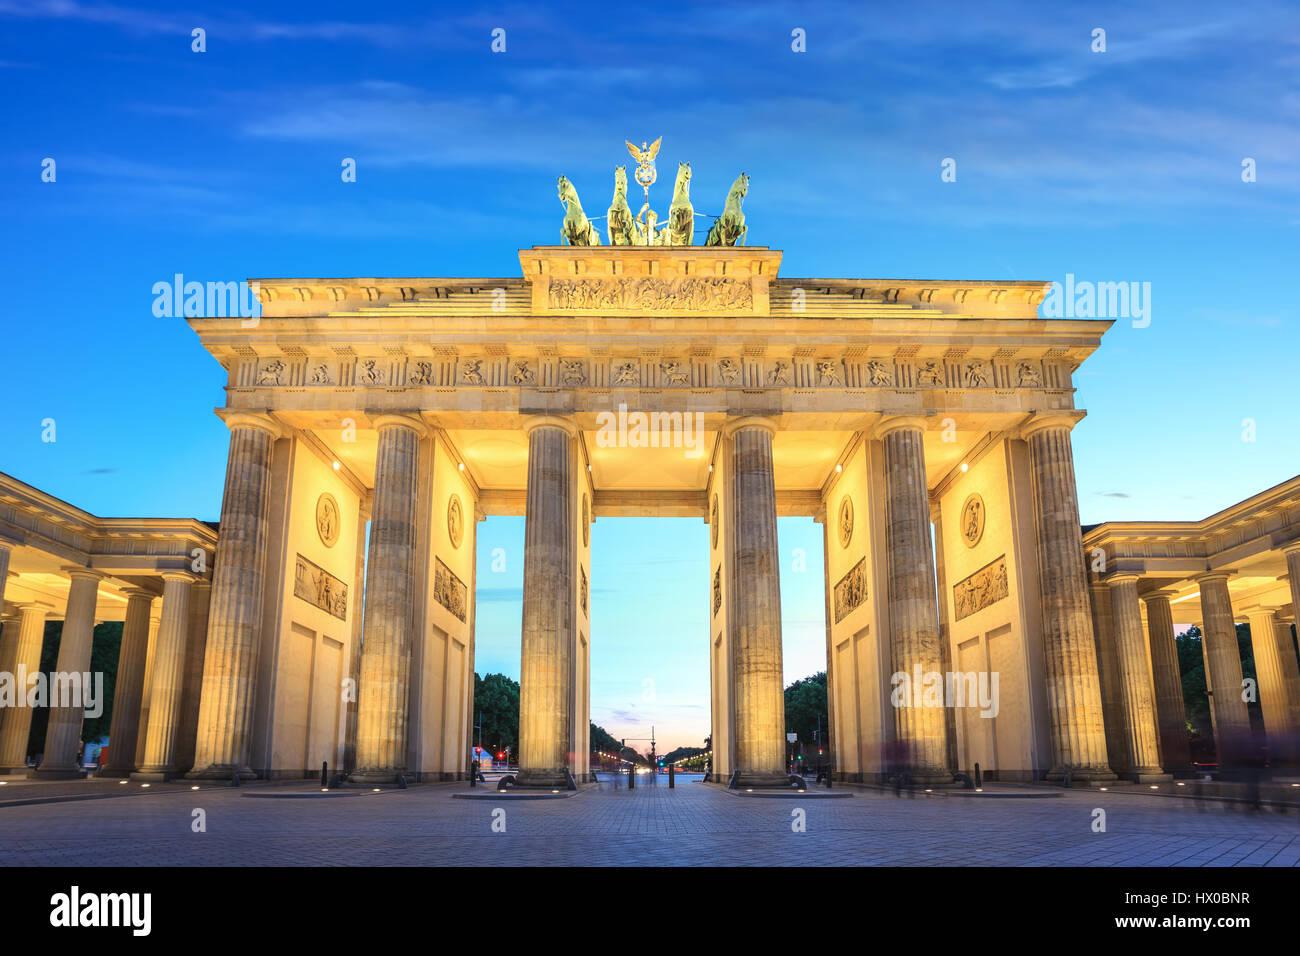 La nuit porte de Brandebourg, Berlin, Allemagne Photo Stock